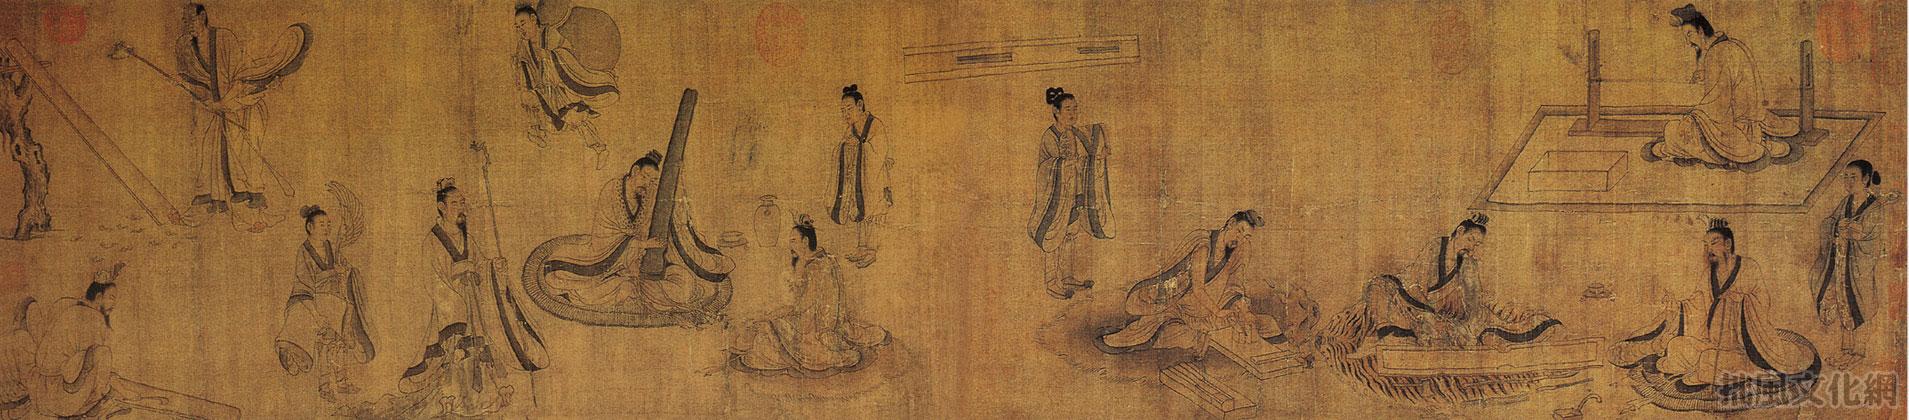 шпаргалка живопись древнего китая